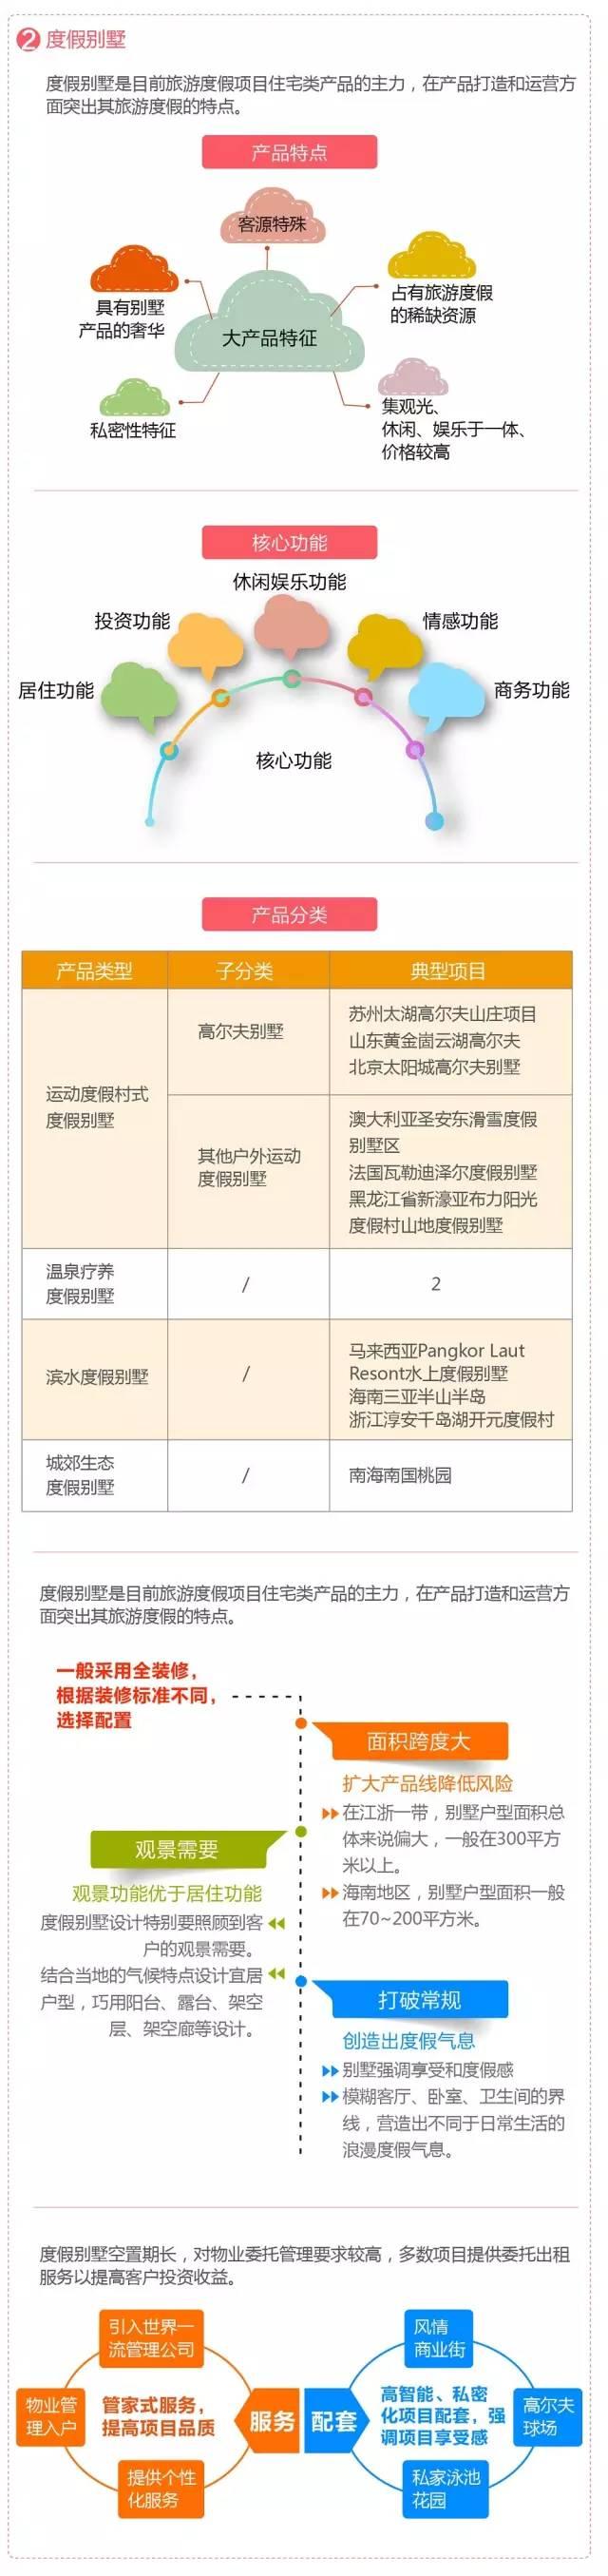 30套旅游地产开发/规划设计资料汇总_4